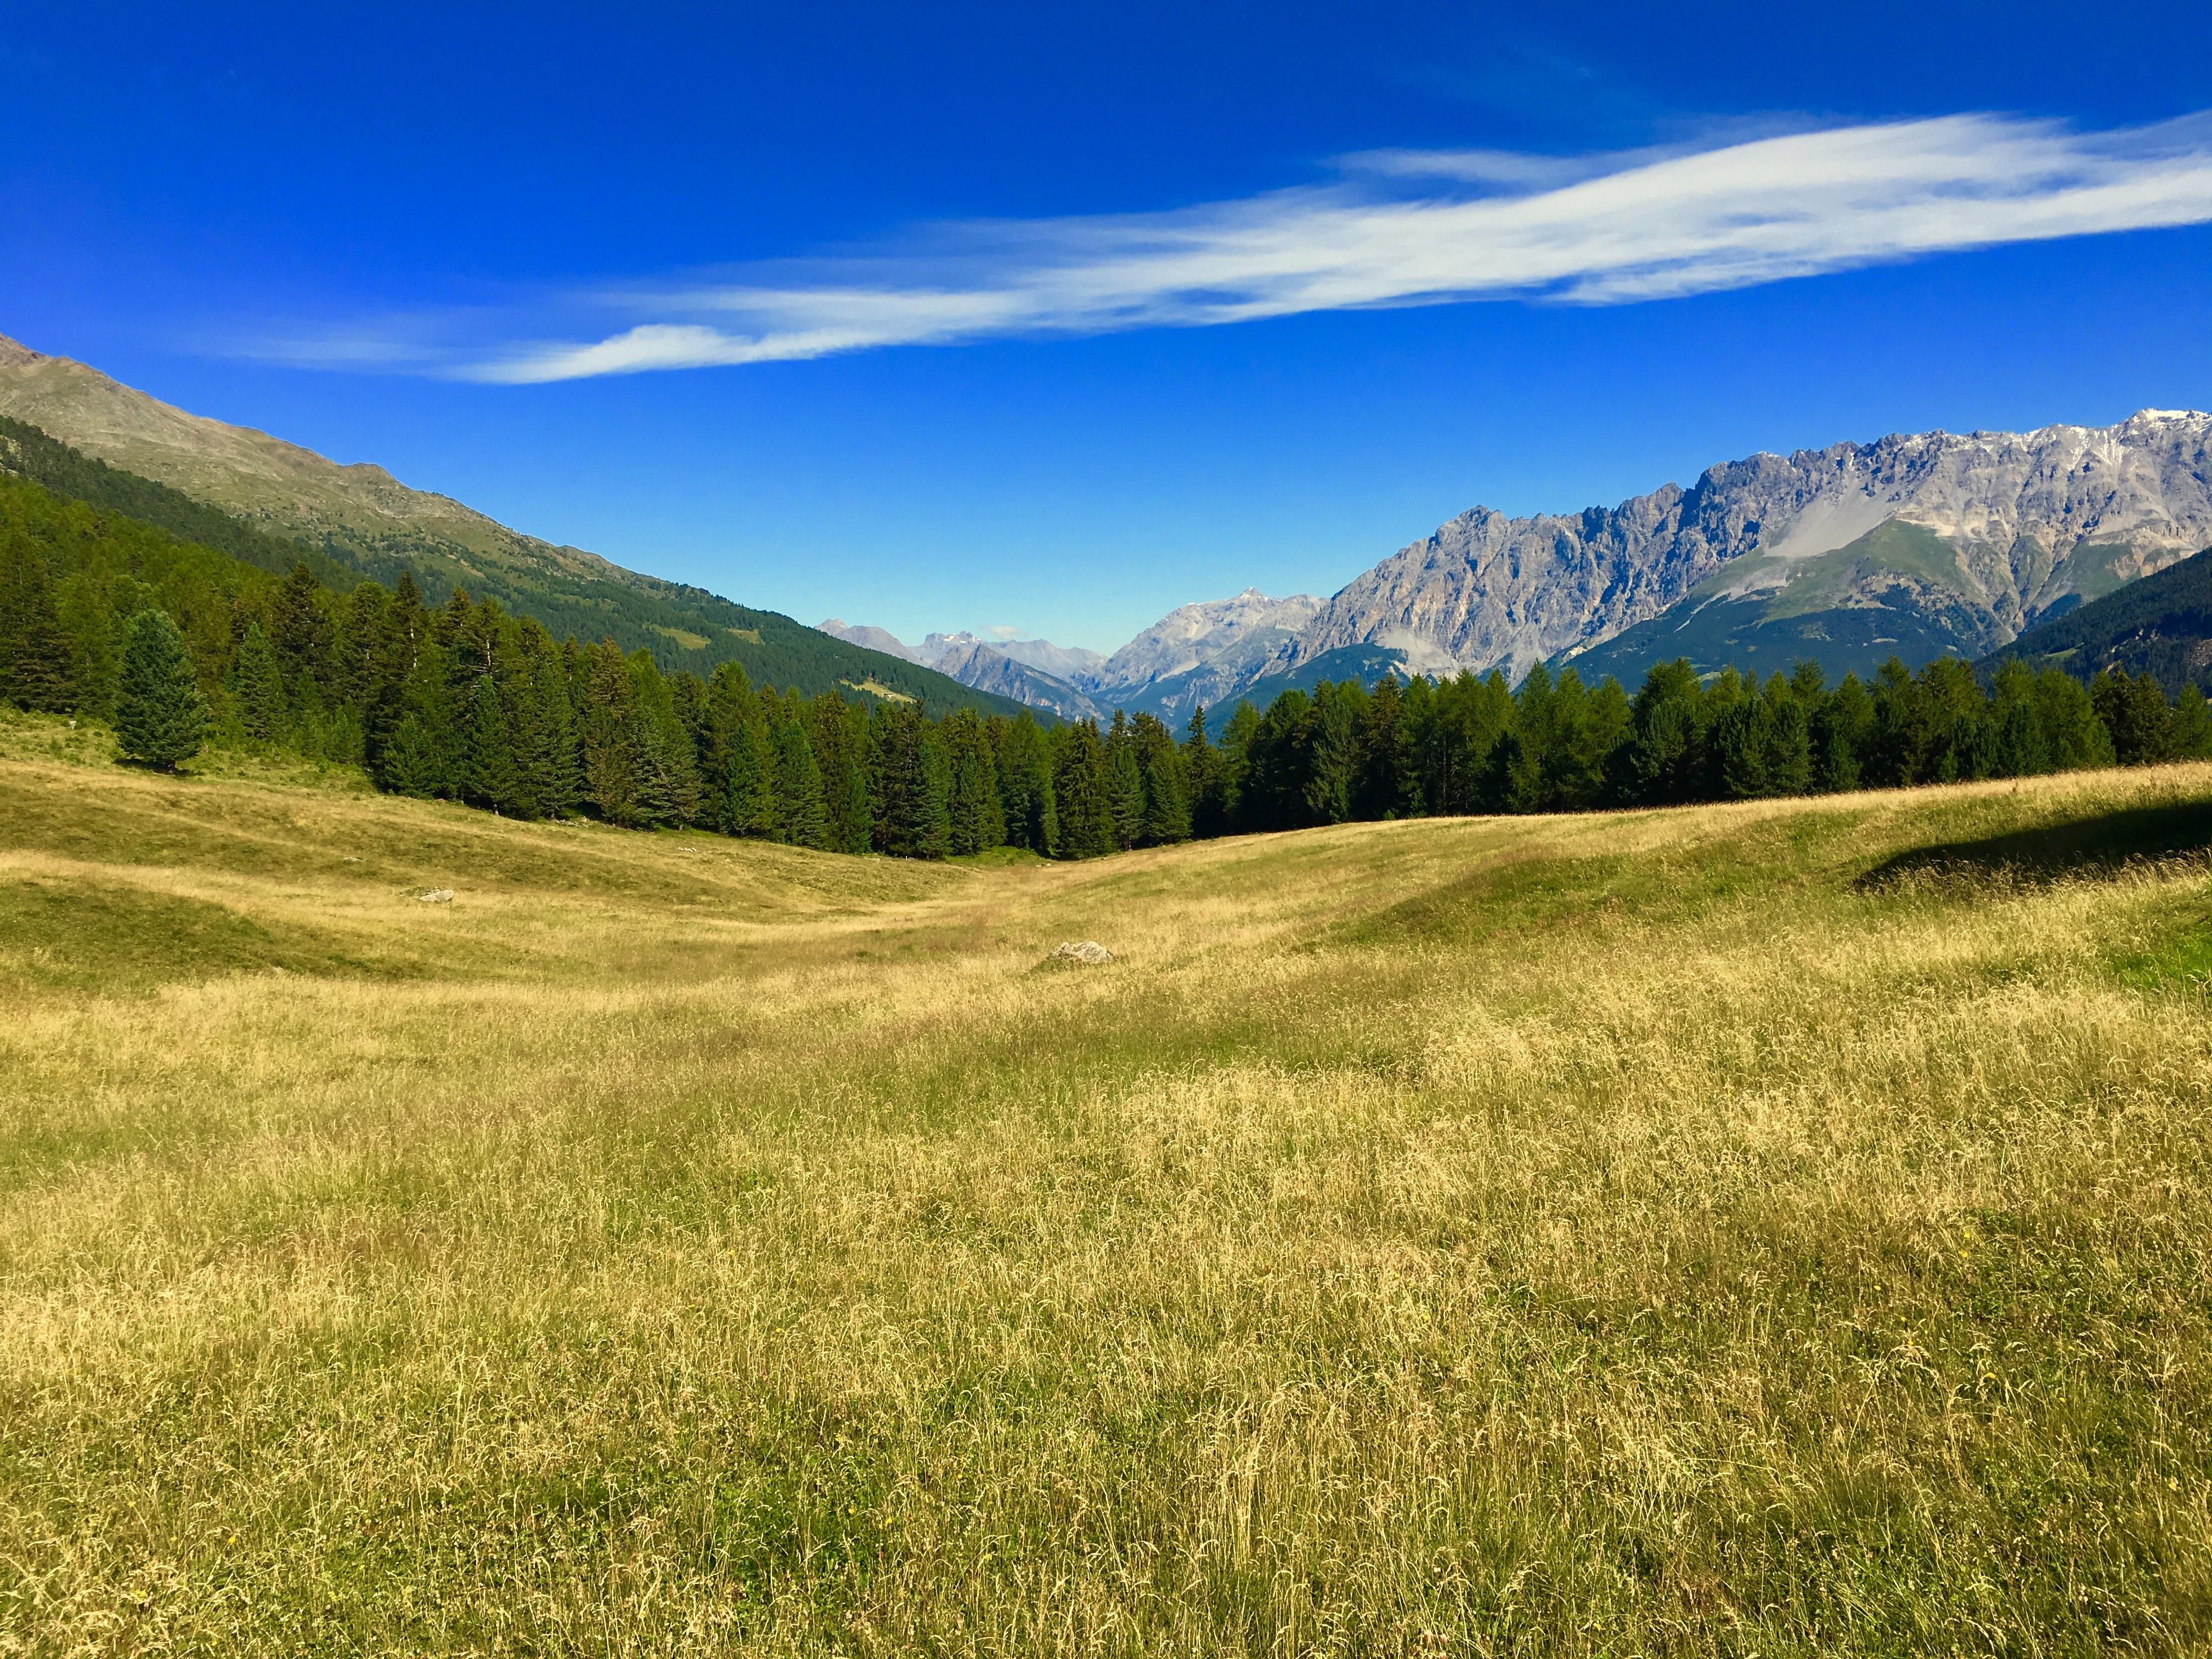 состав равнины и горы фотографии его словам